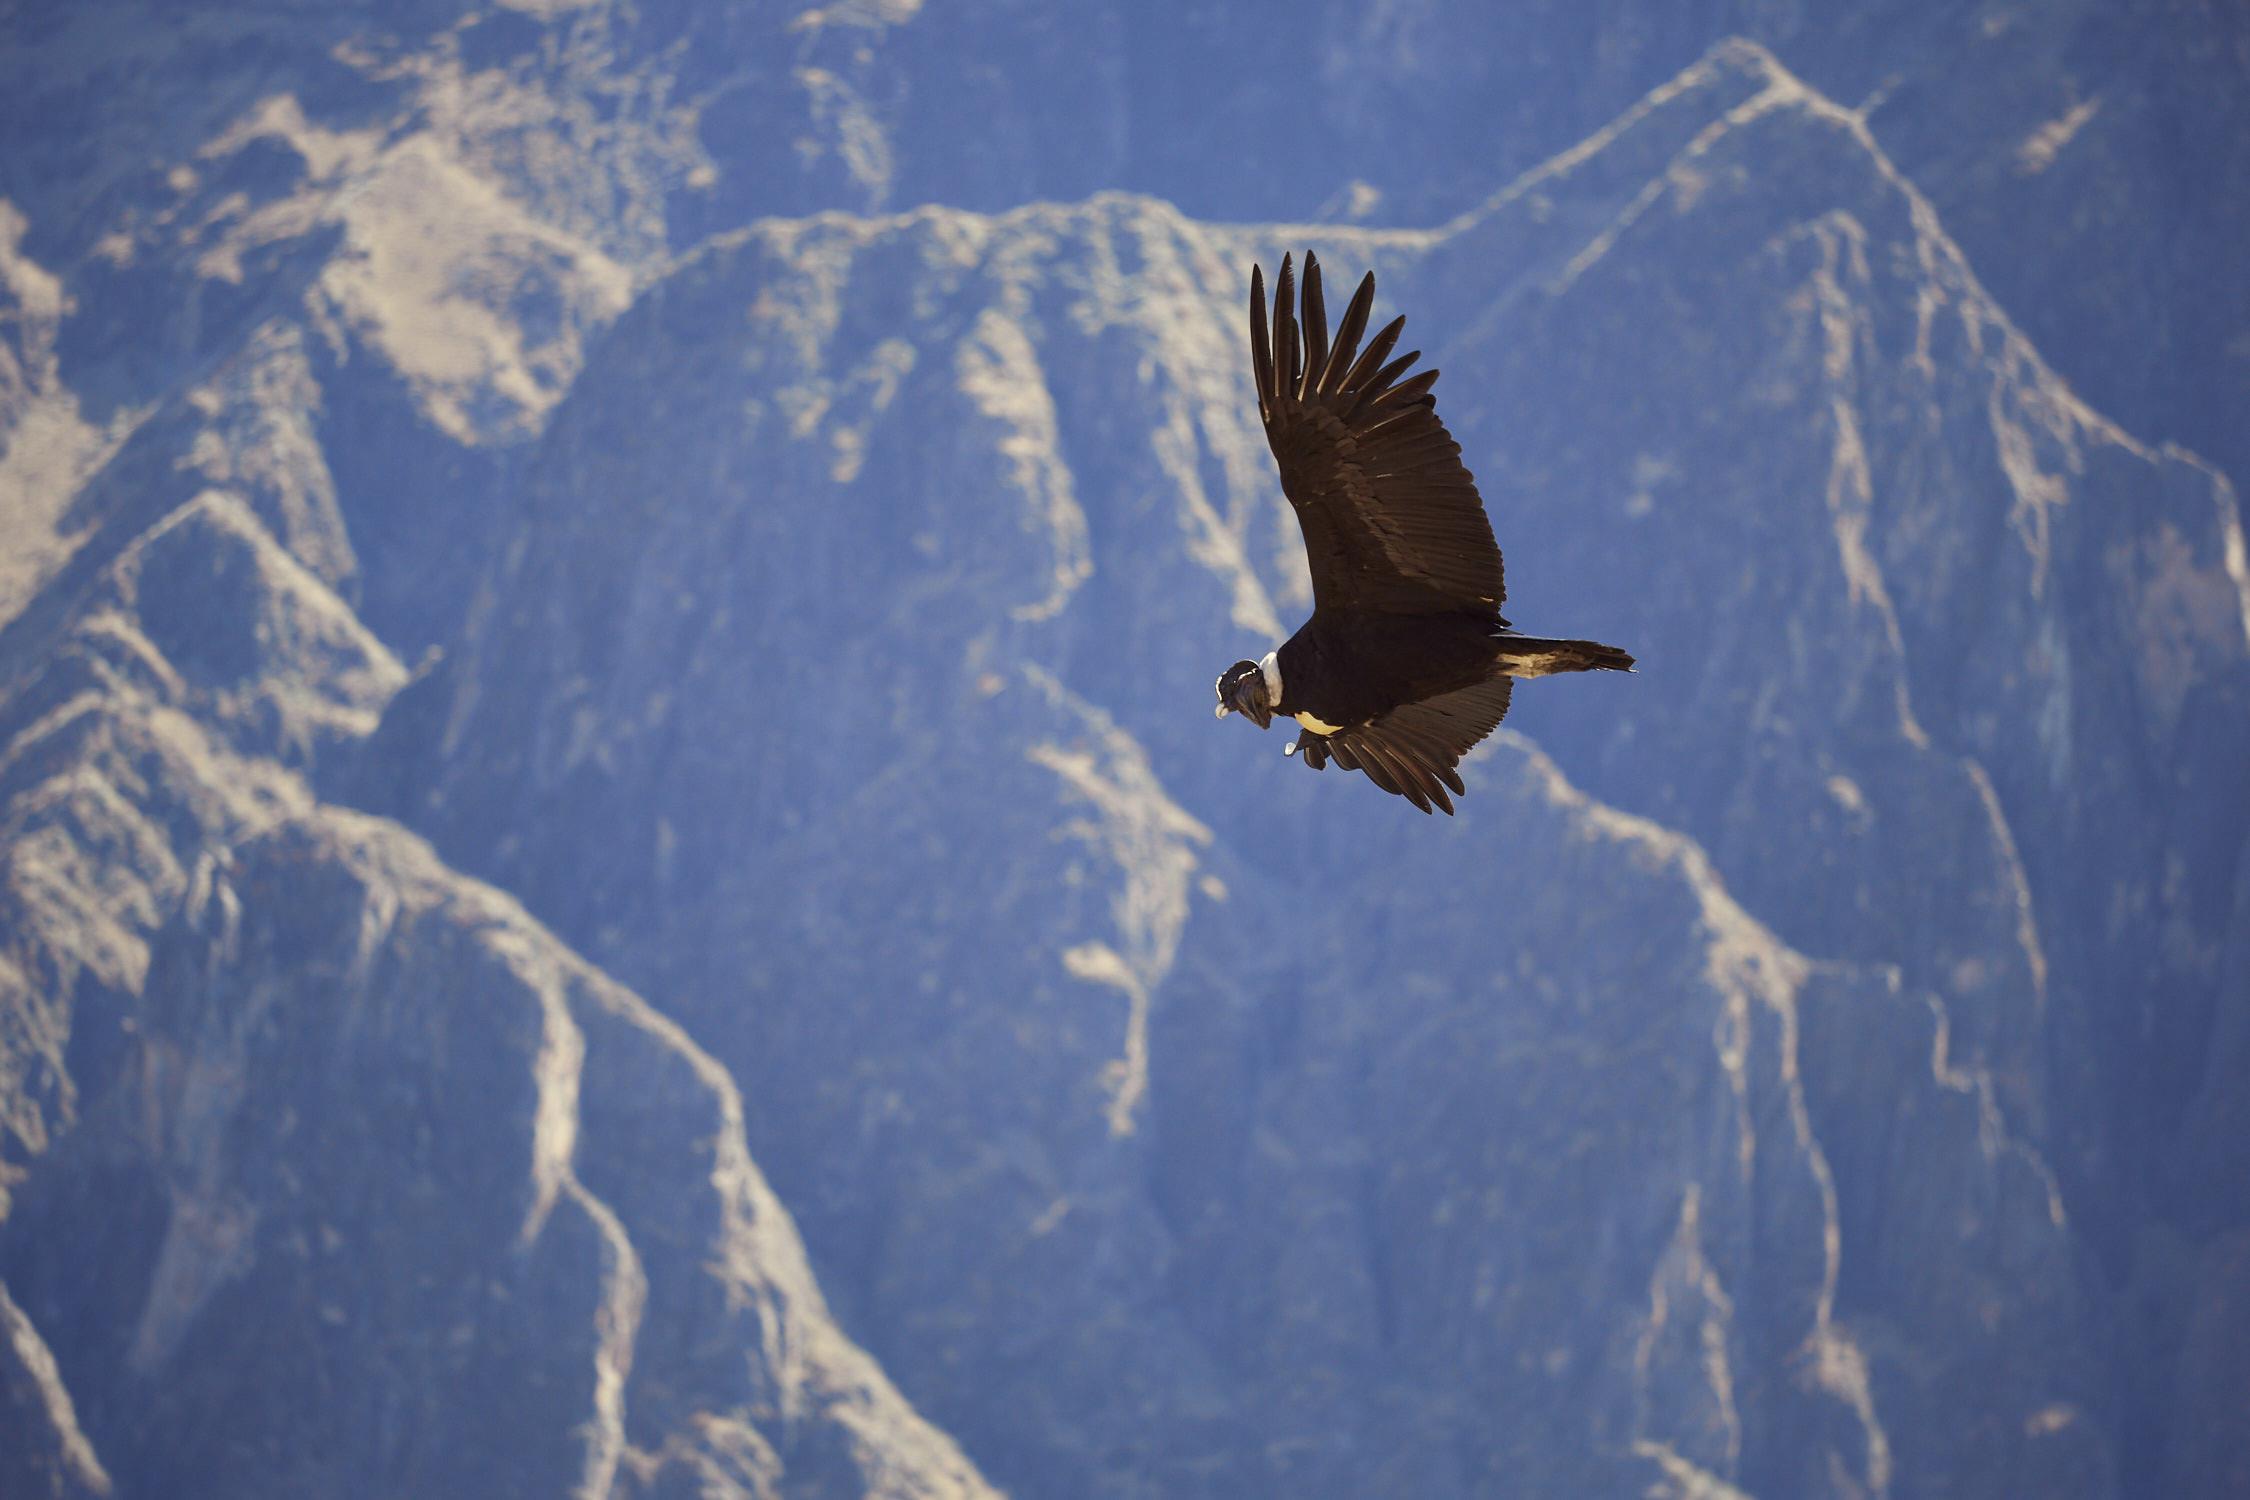 Der Andenkondor im Flug, Teil 2 einer Strecke aus drei Bildern